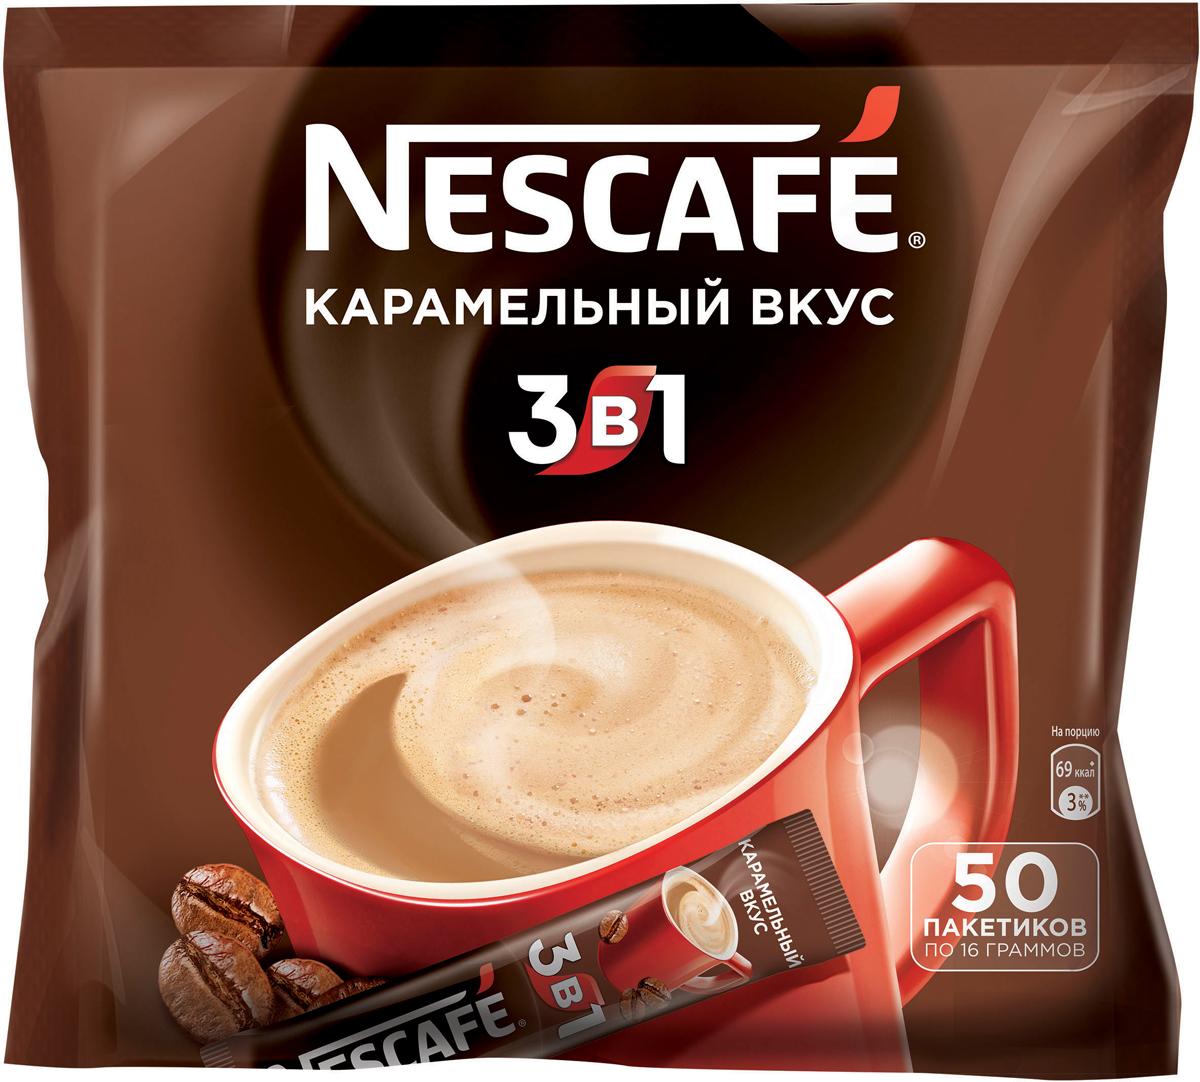 Nescafe 3 в 1 Карамельный кофе растворимый, 50 шт nescafe кофе nescafe gold растворимый 150г